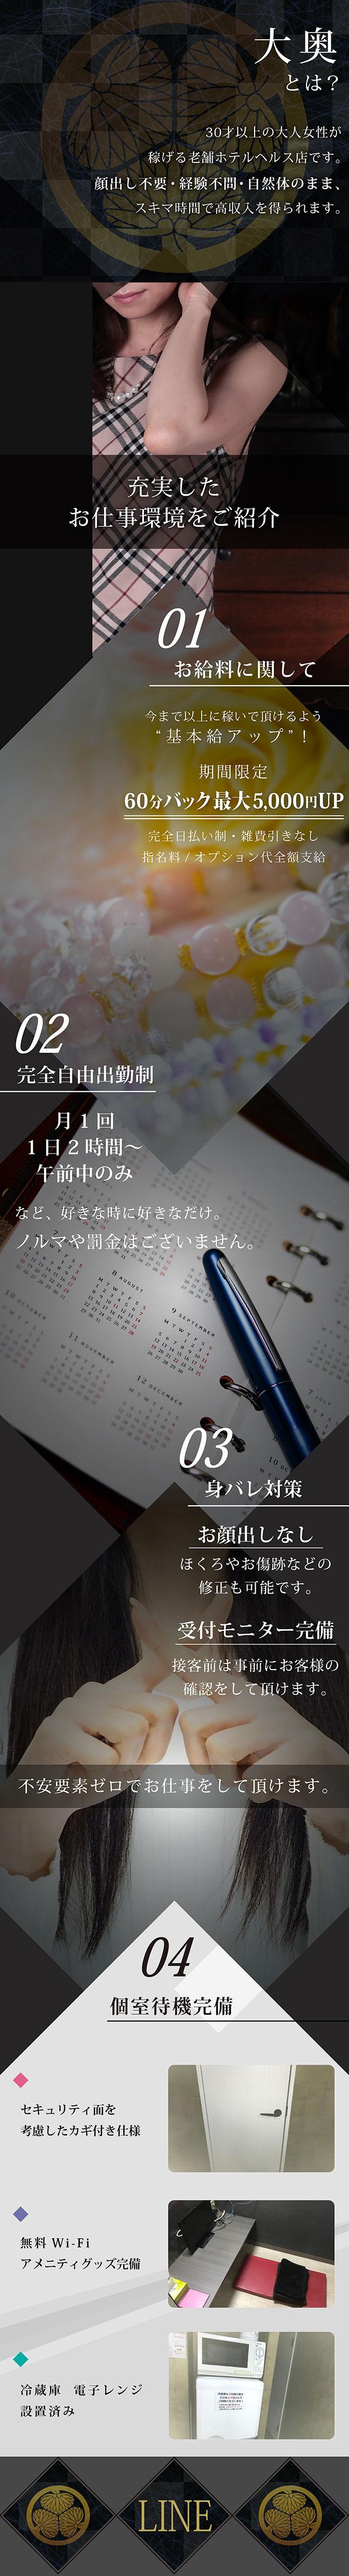 大奥LINE